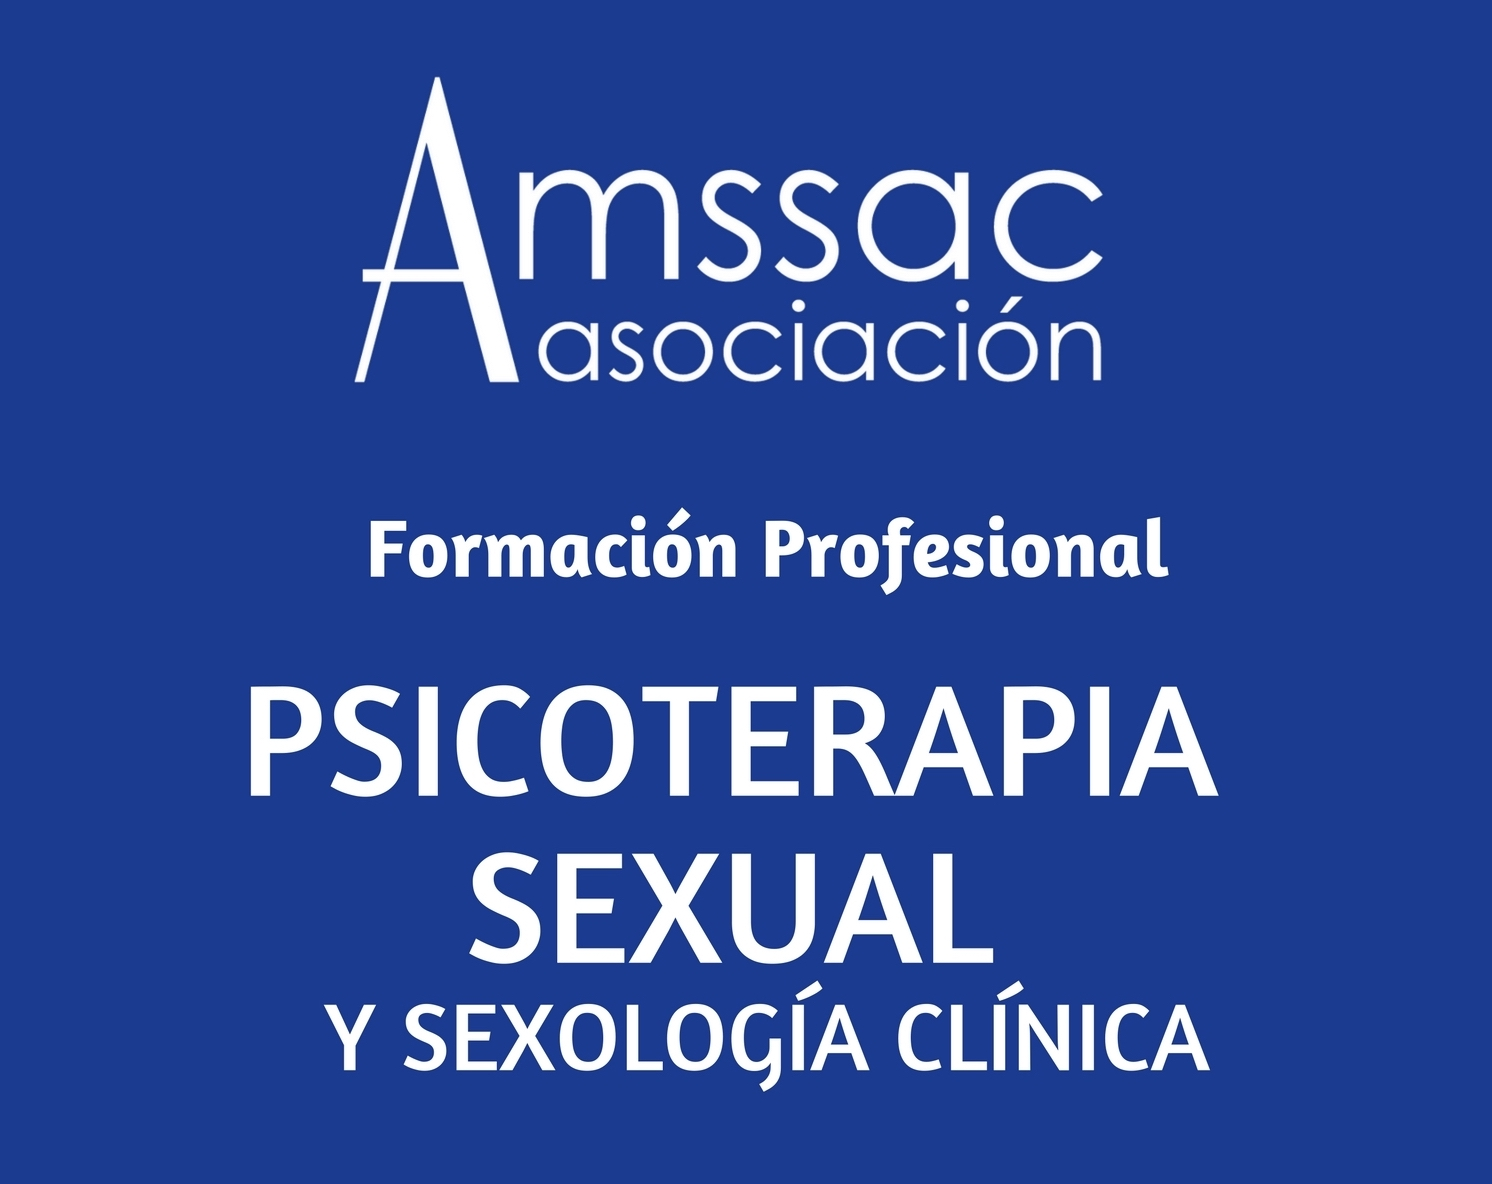 Formación Profesional en Psicoterapia Sexual y Sexología Clínica ...